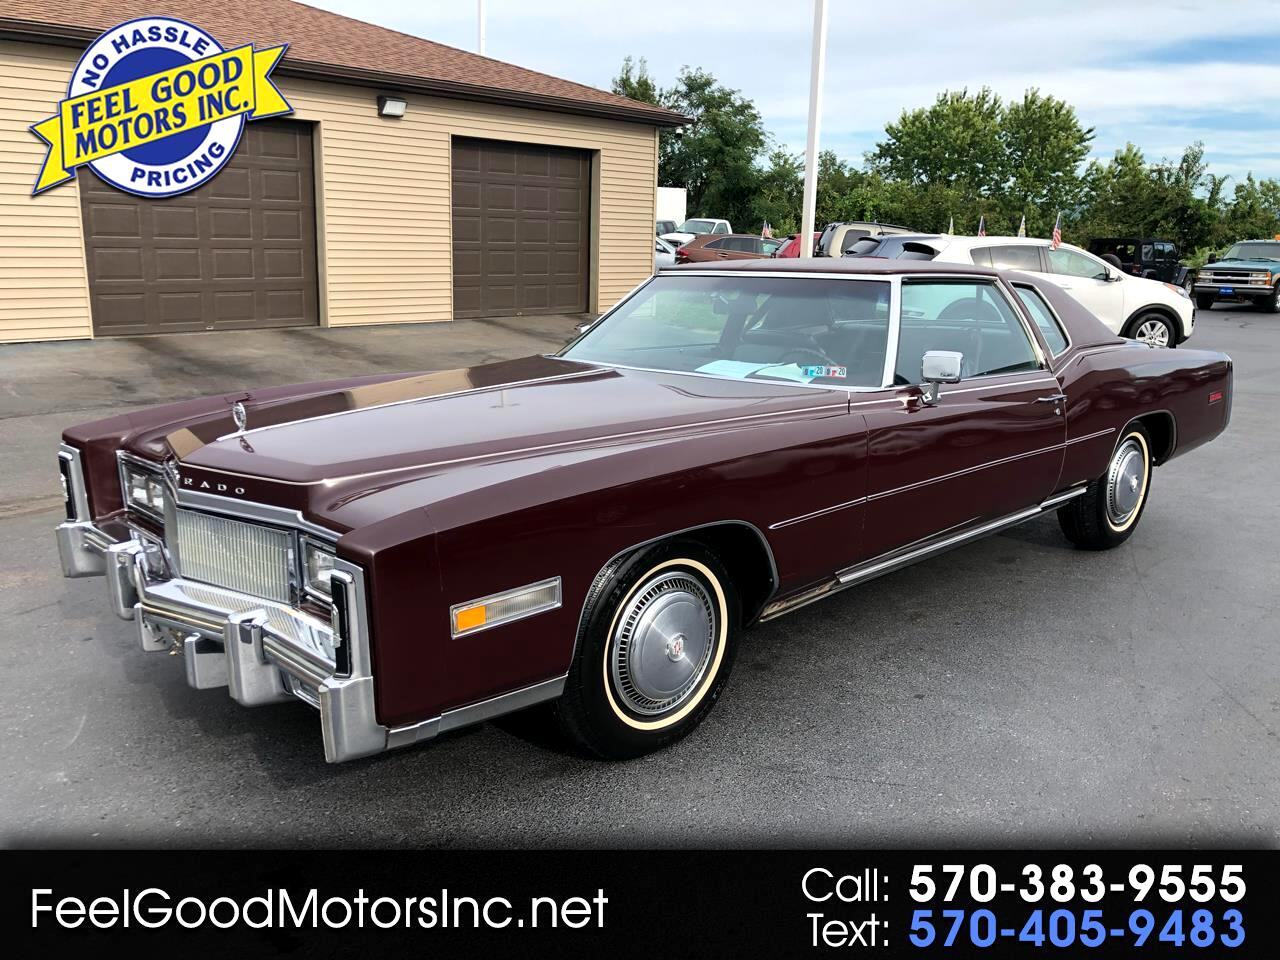 1977 Cadillac Eldorado 2dr Cpe